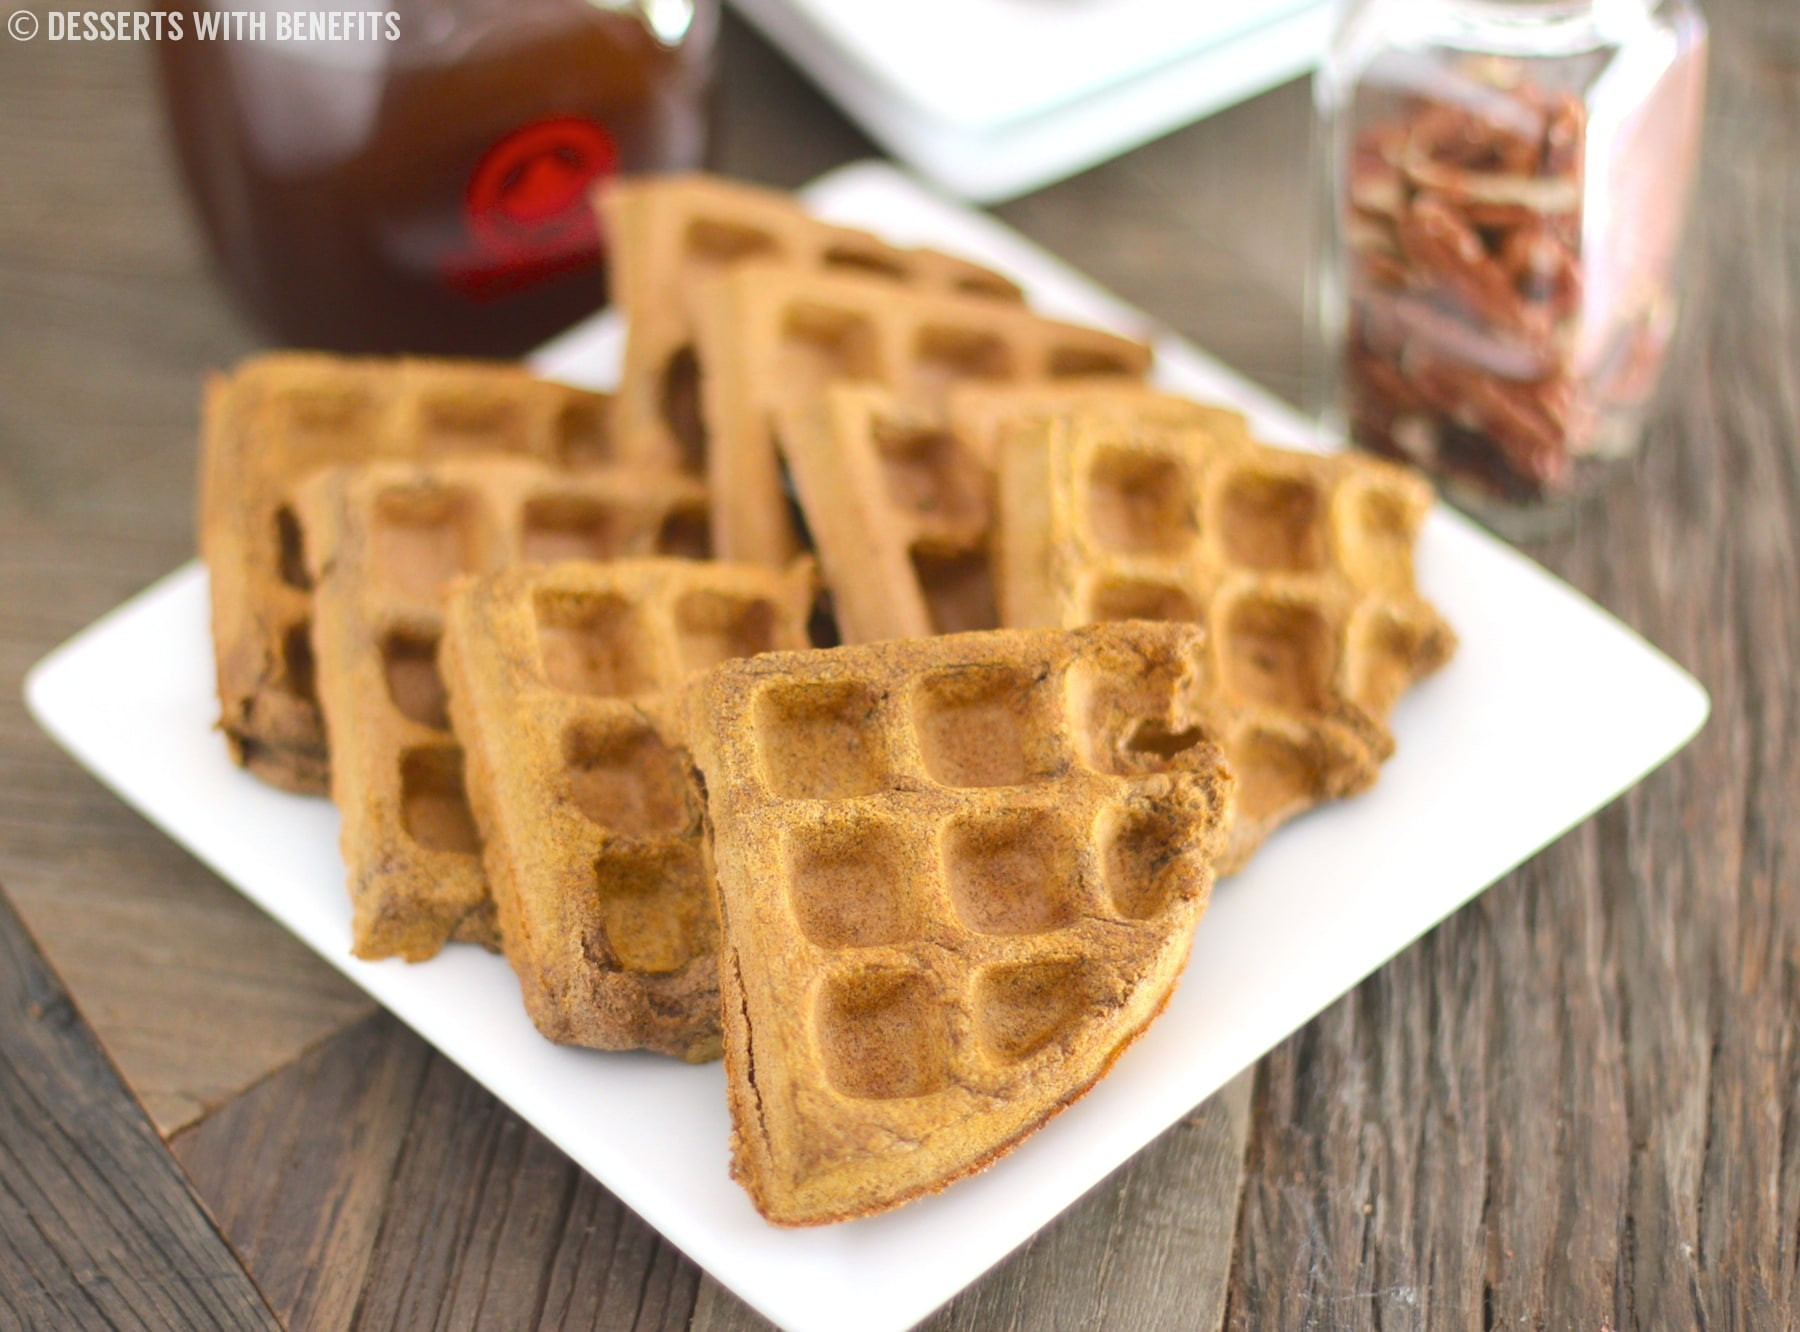 High Fiber Desserts  Healthy Pumpkin Buckwheat Waffles gluten free vegan